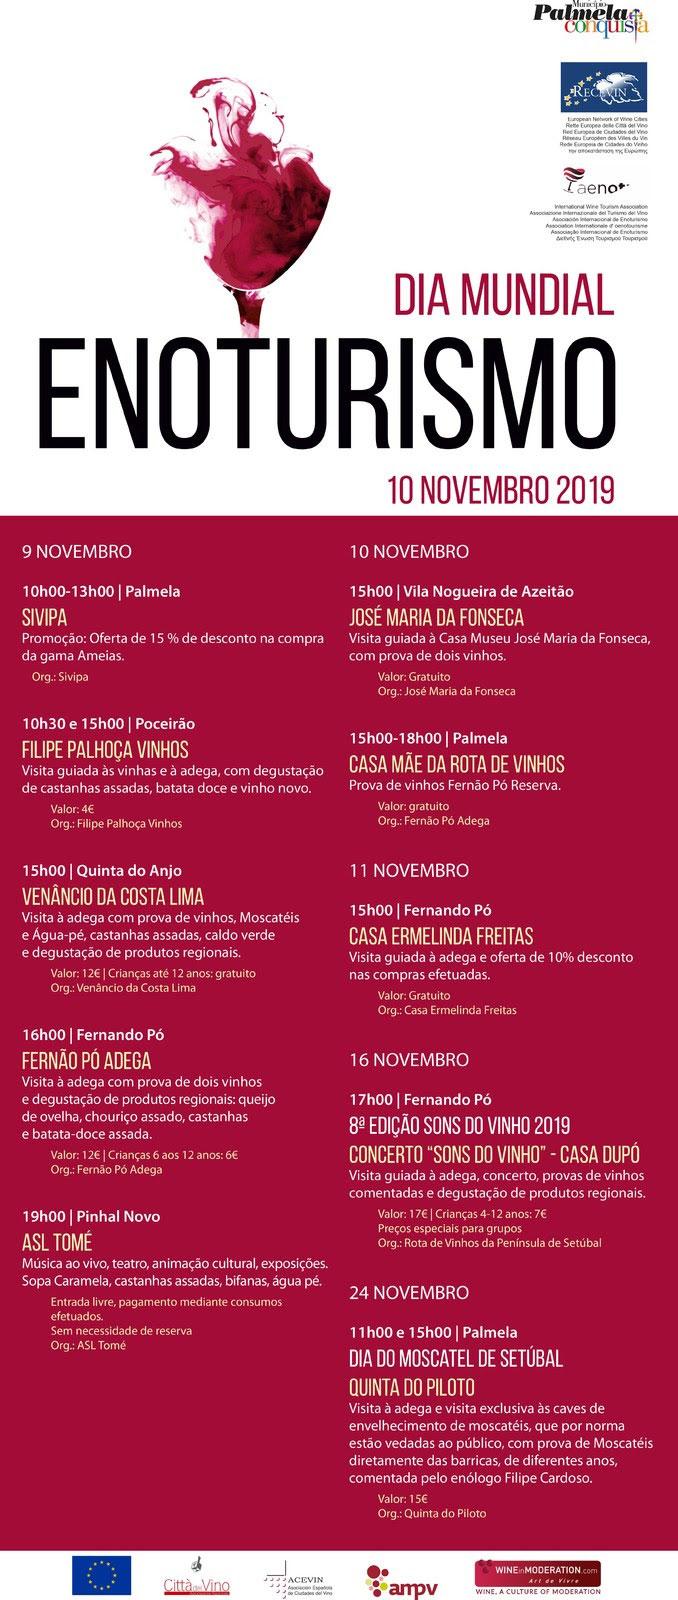 No próximo dia 10 de novembro celebra-se o Dia Mundial do Enoturismo, uma data especial que será comemorada em Palmela com inúmeras sugestões vitivinícolas